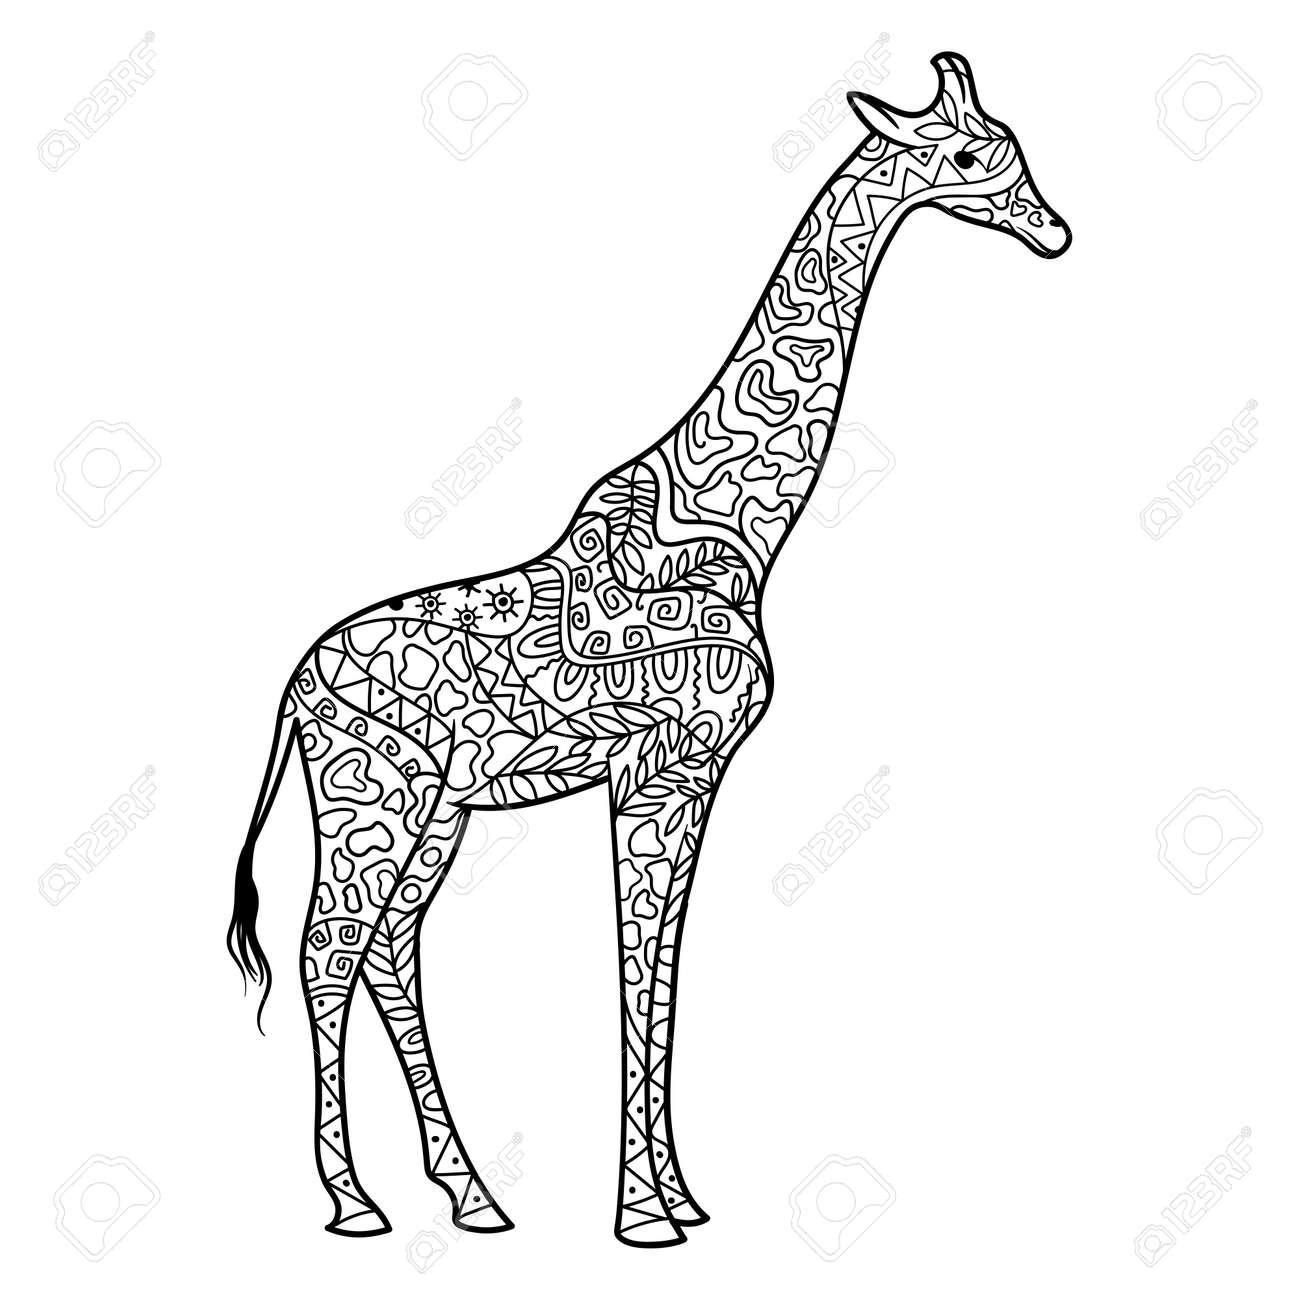 Giraffe Malbuch Für Erwachsene Vektor-Illustration. Anti-Stress Für ...